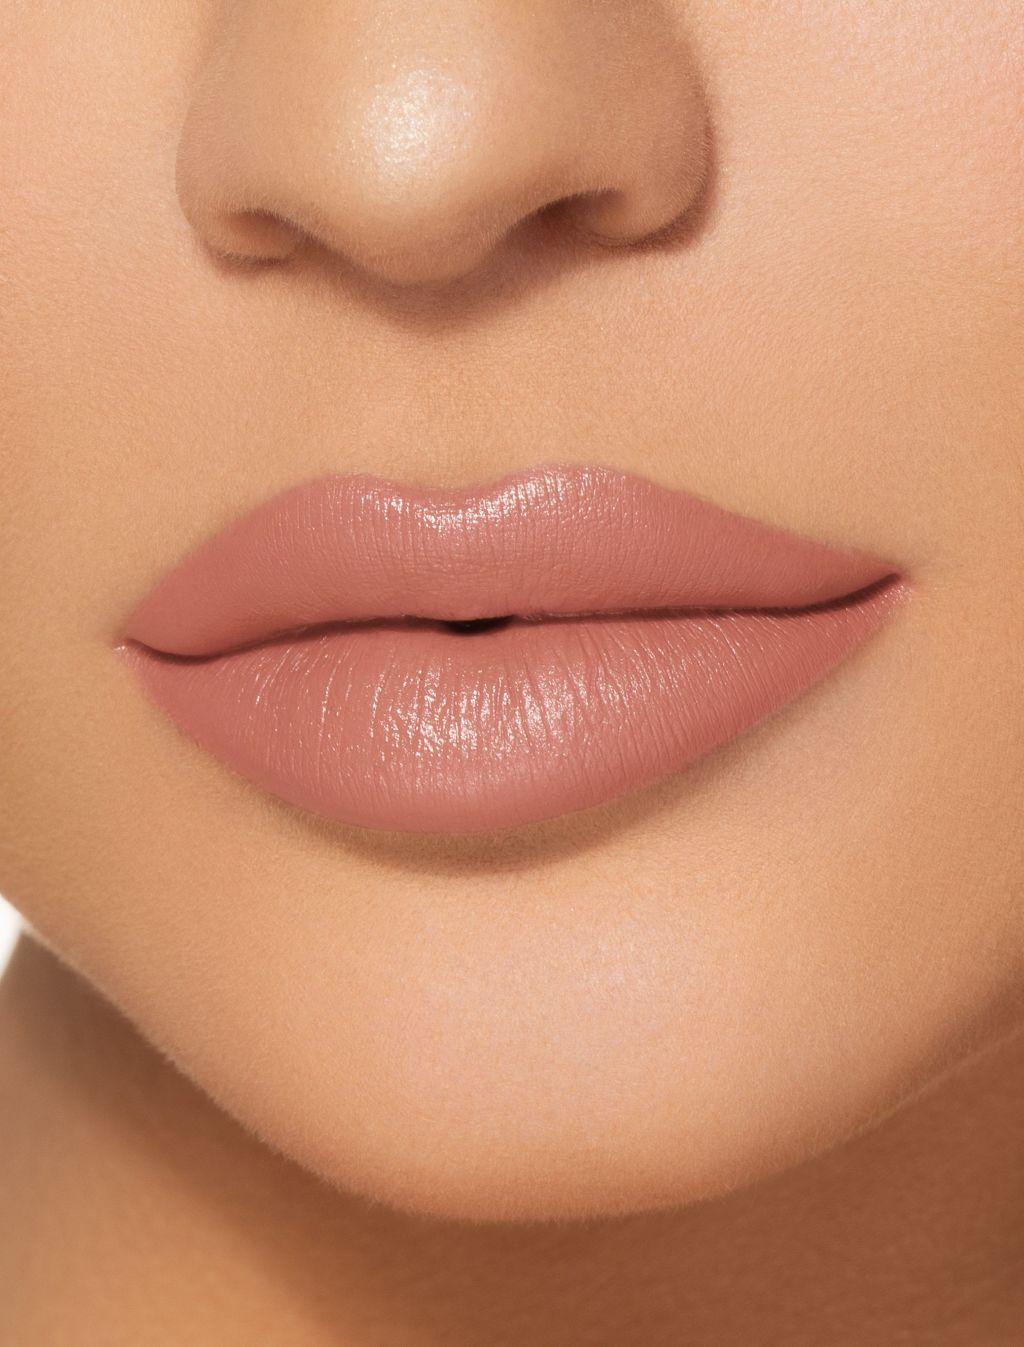 ベルベット リキッド リップスティックFRENCH KISS